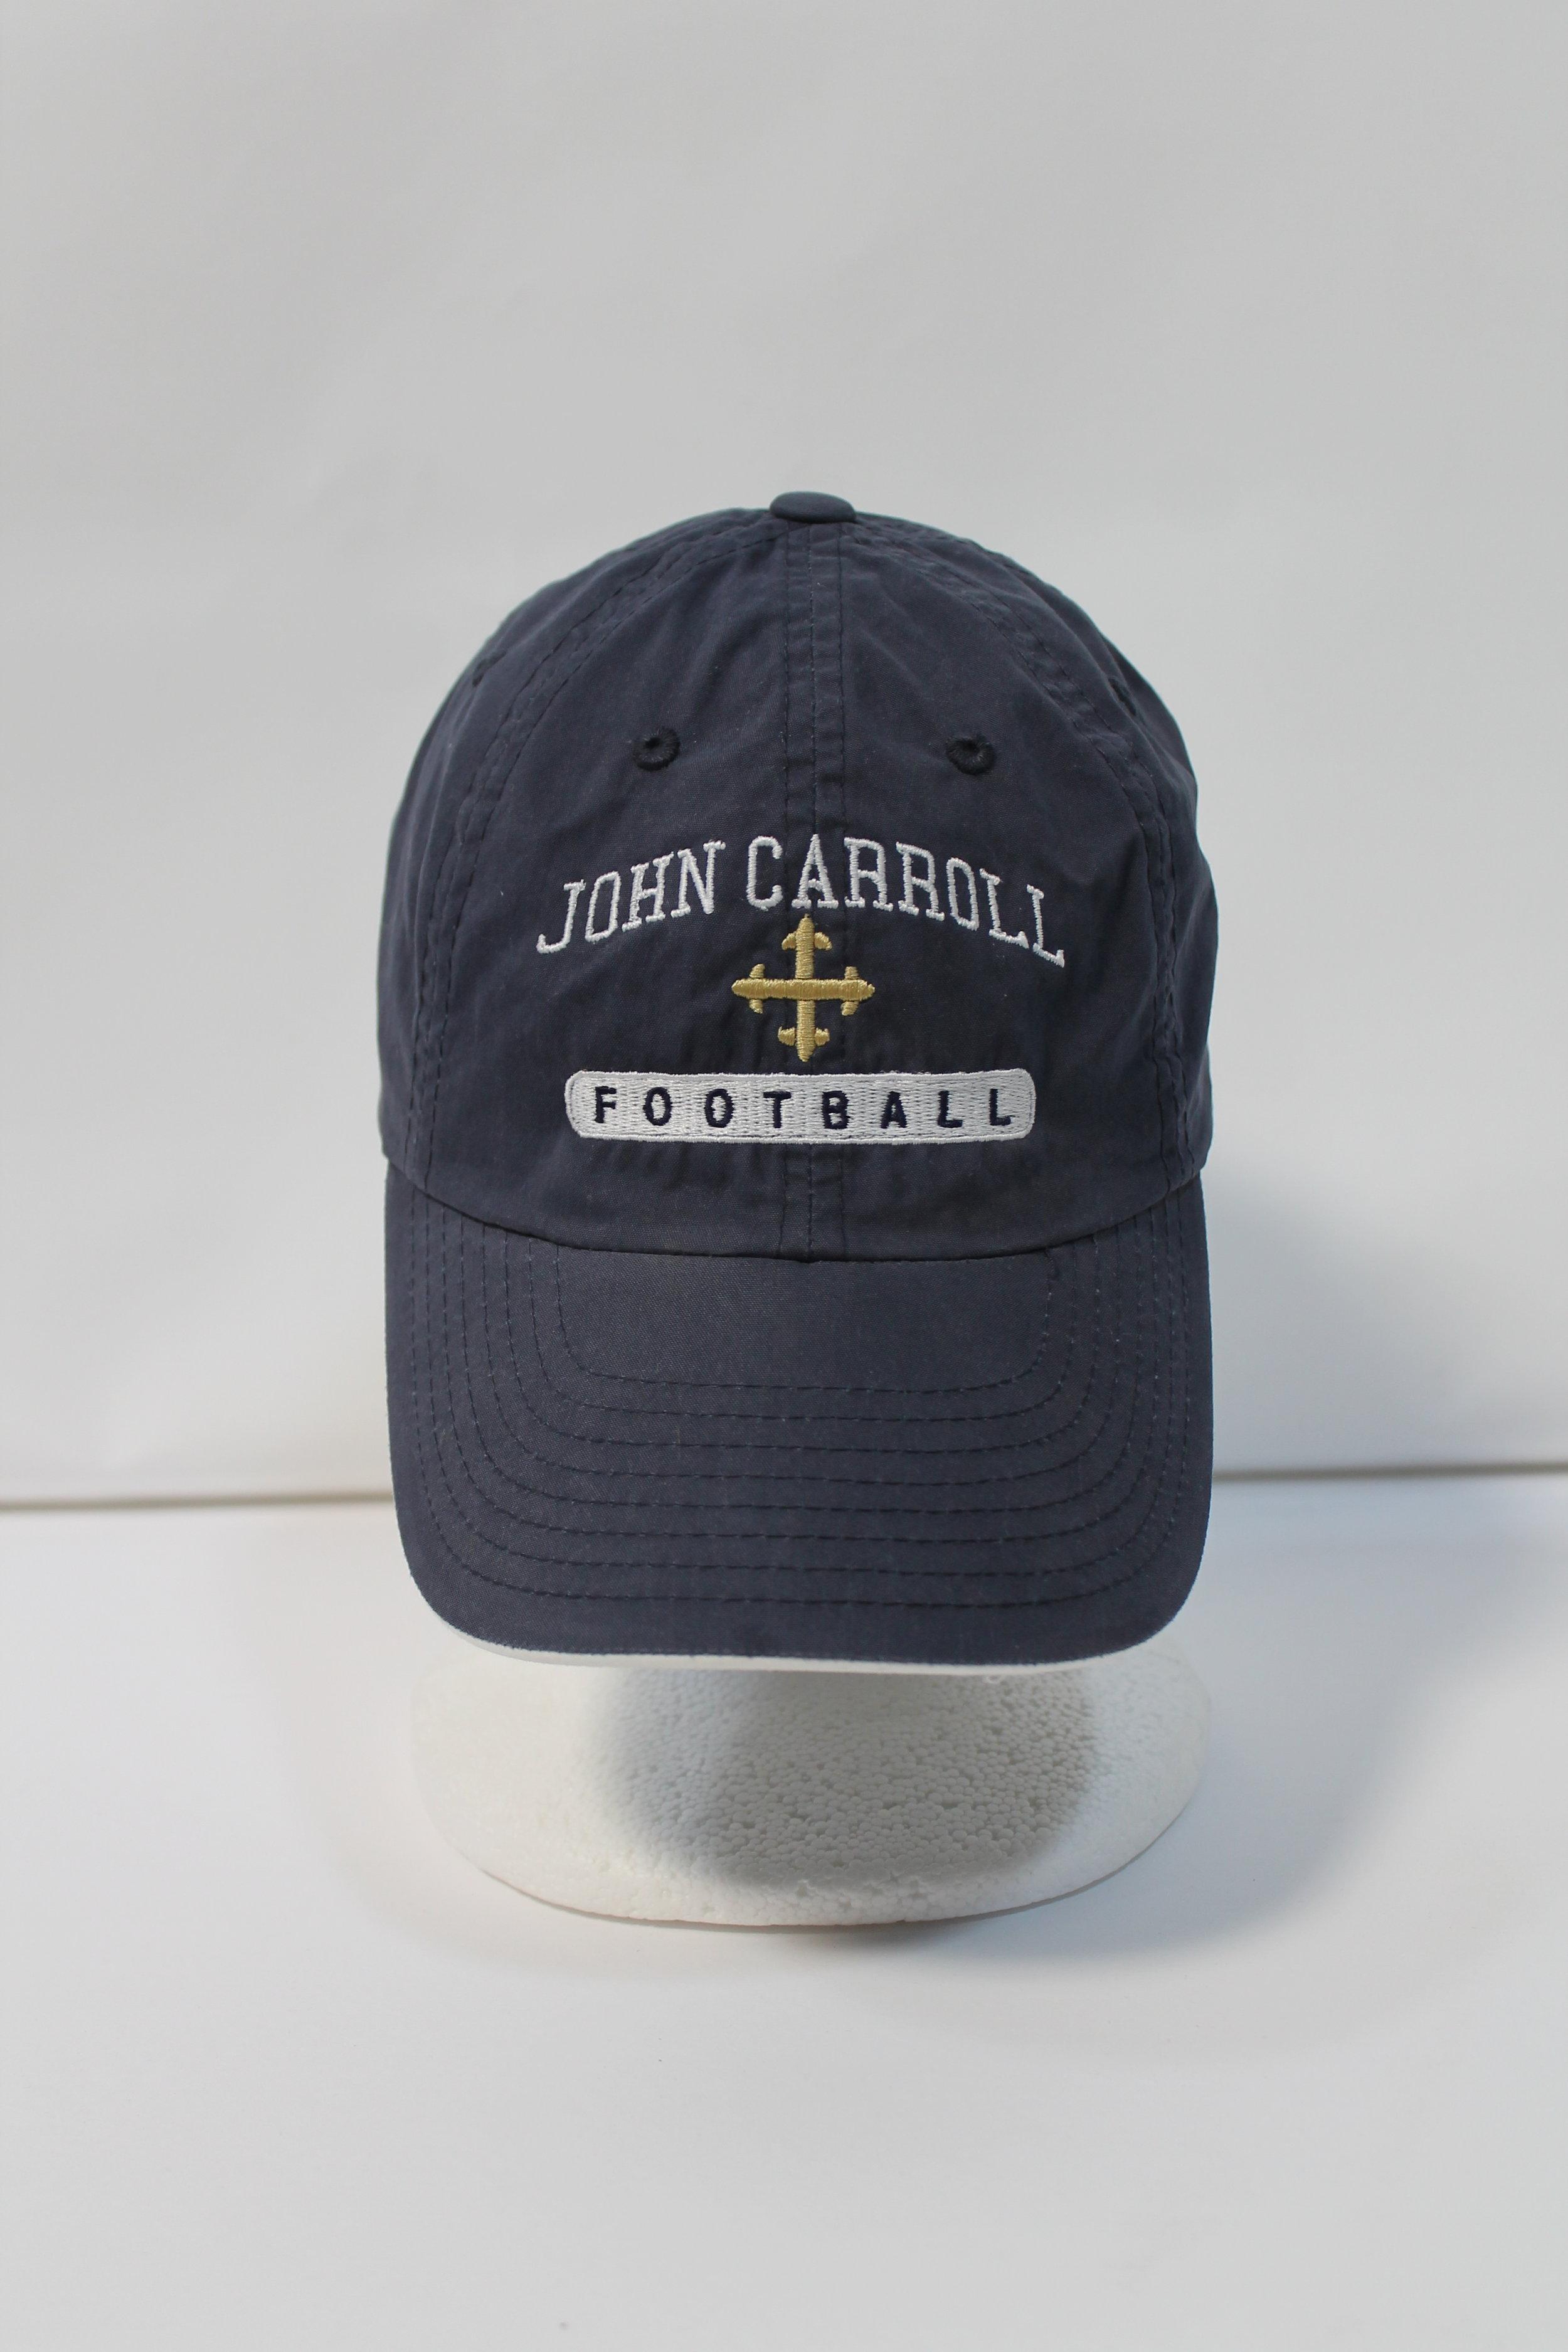 JC_Hat.JPG